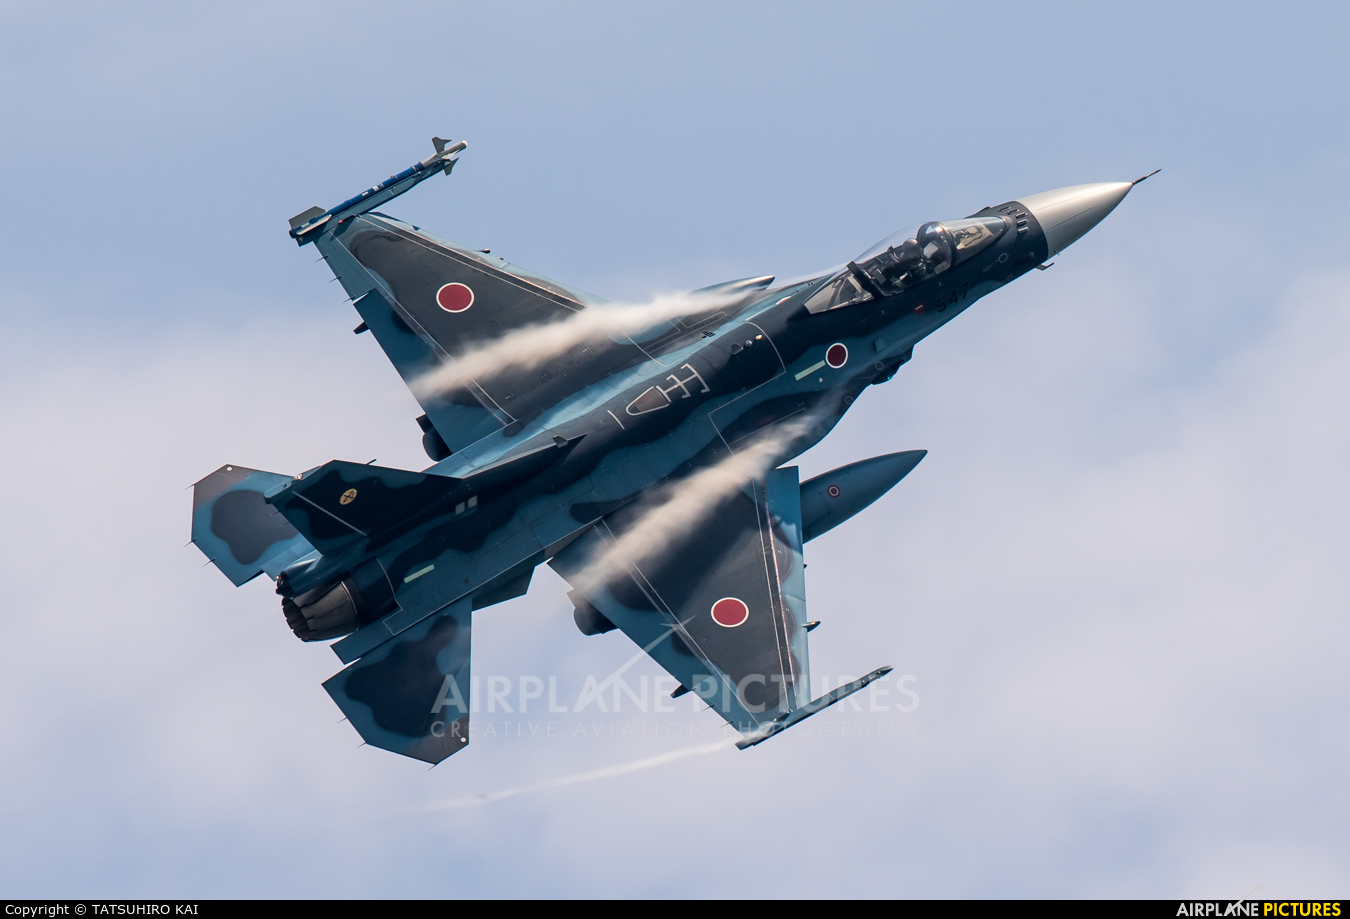 Japan - Air Self Defence Force 93-8547 aircraft at Tsuiki AB